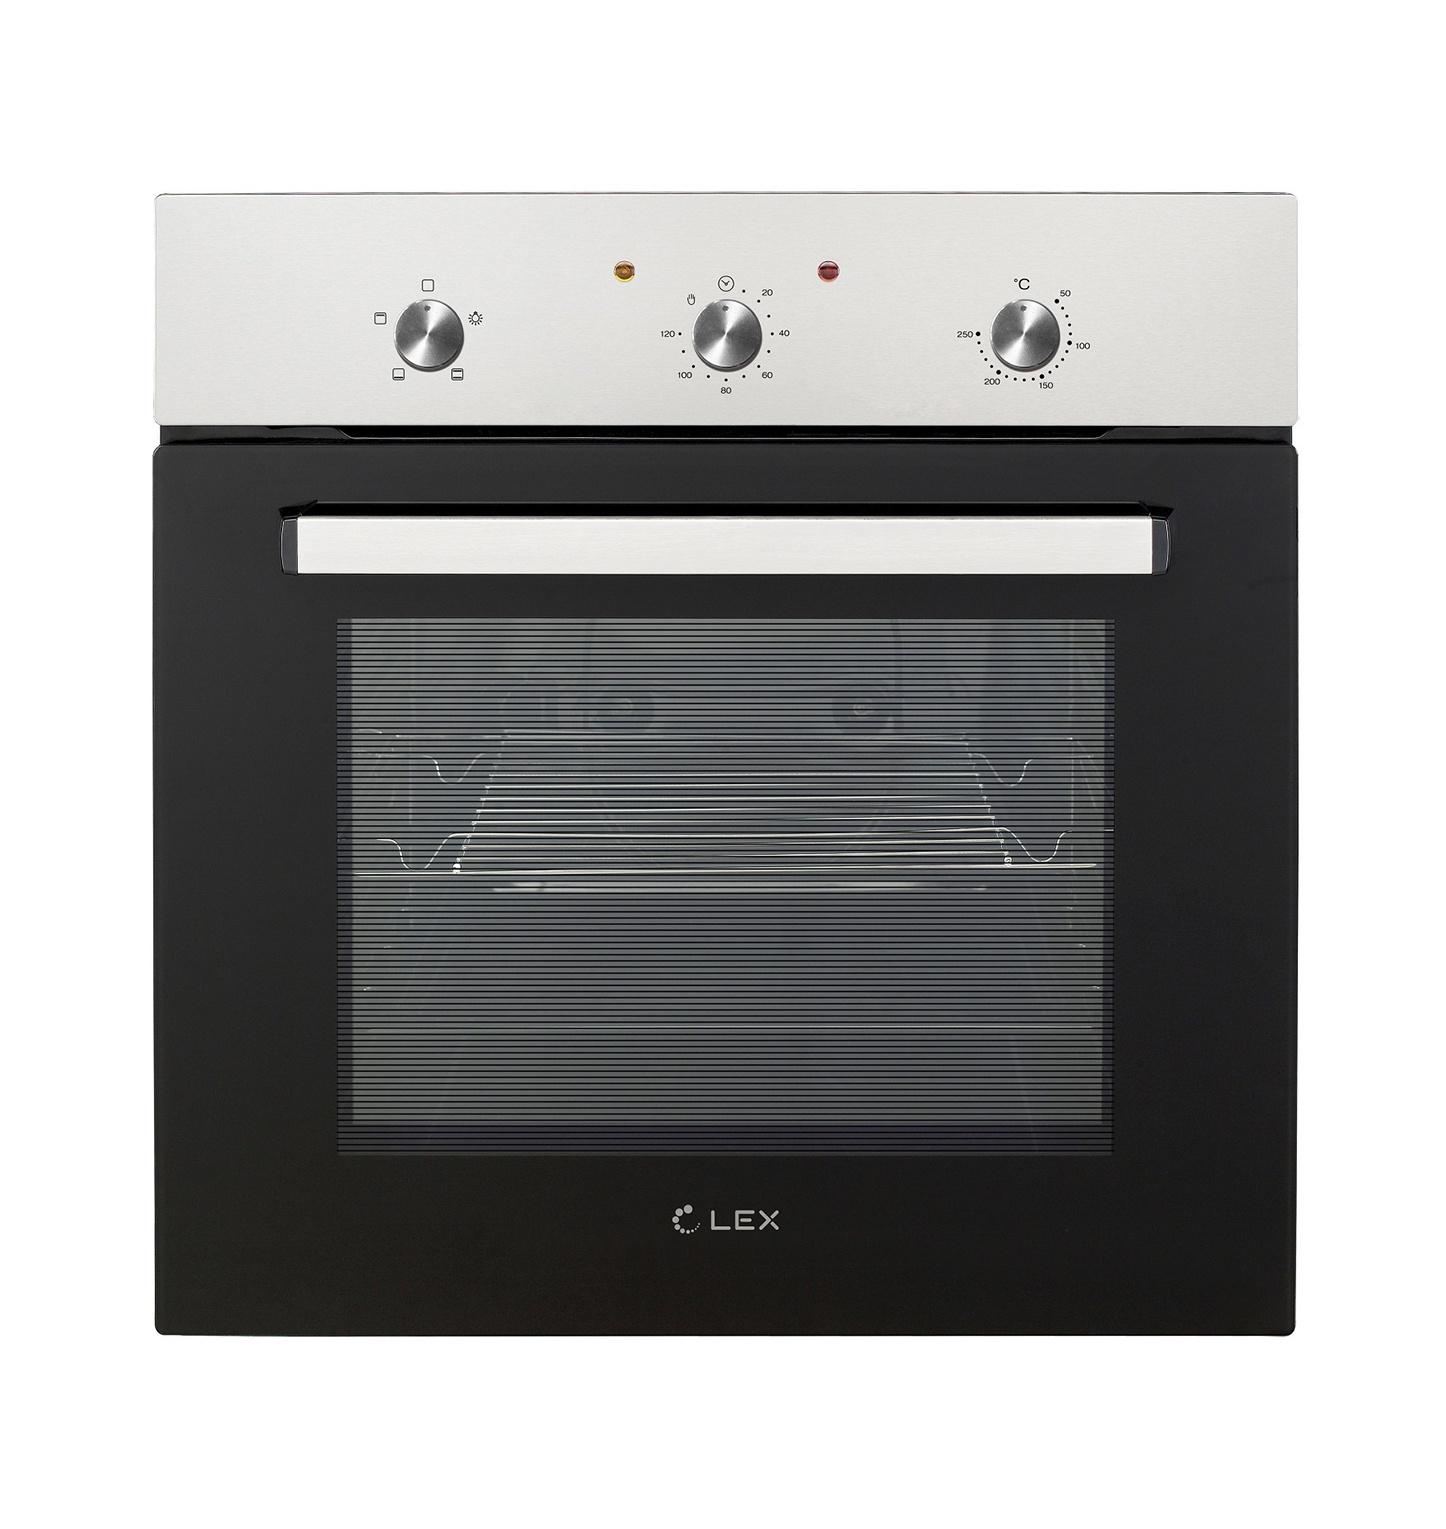 лучшая цена Духовой шкаф Lex EDM 041 IX, серый металлик